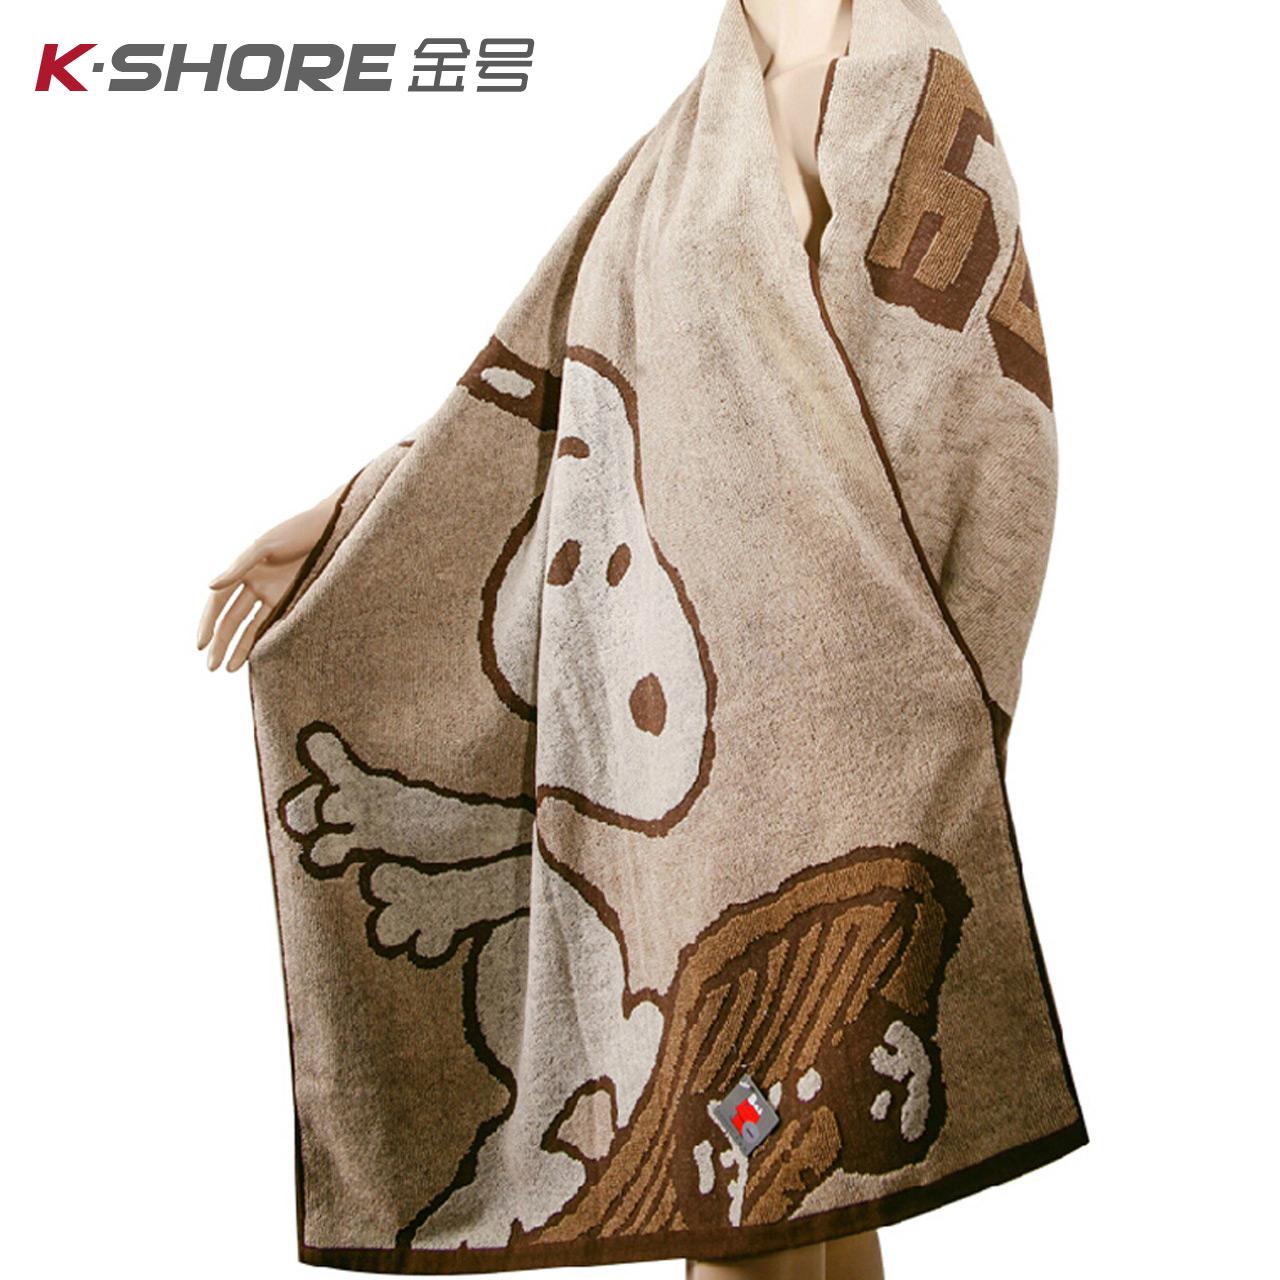 金号/史努比 纯棉浴巾 柔软吸水舒适 加大规格180*78cm 卡通可爱